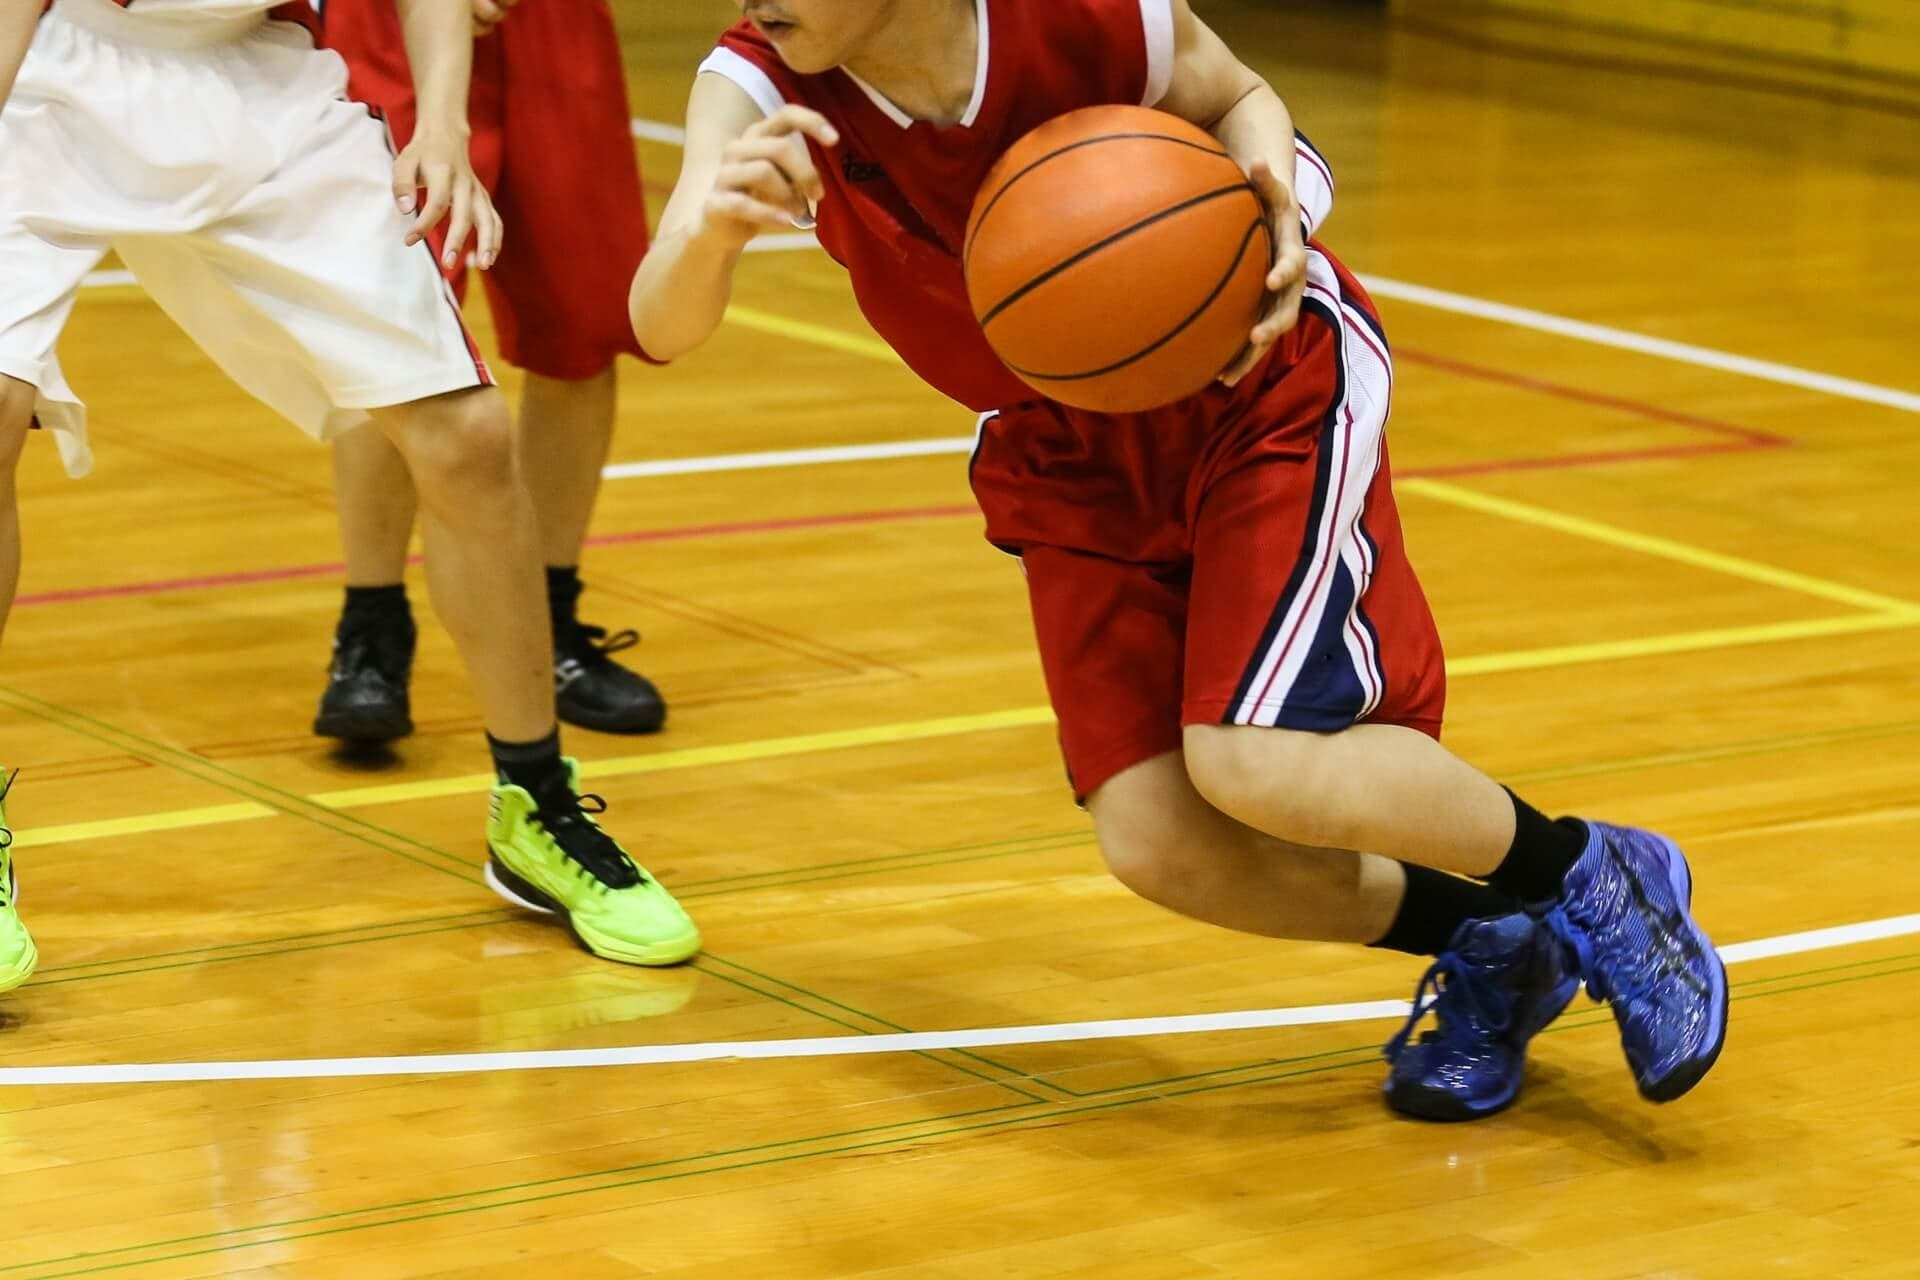 【高校バスケットボールチーム専用】2/18(火)開催 トレーニング講習会 paypay,LINEpay(現地) 可能のイメージその2